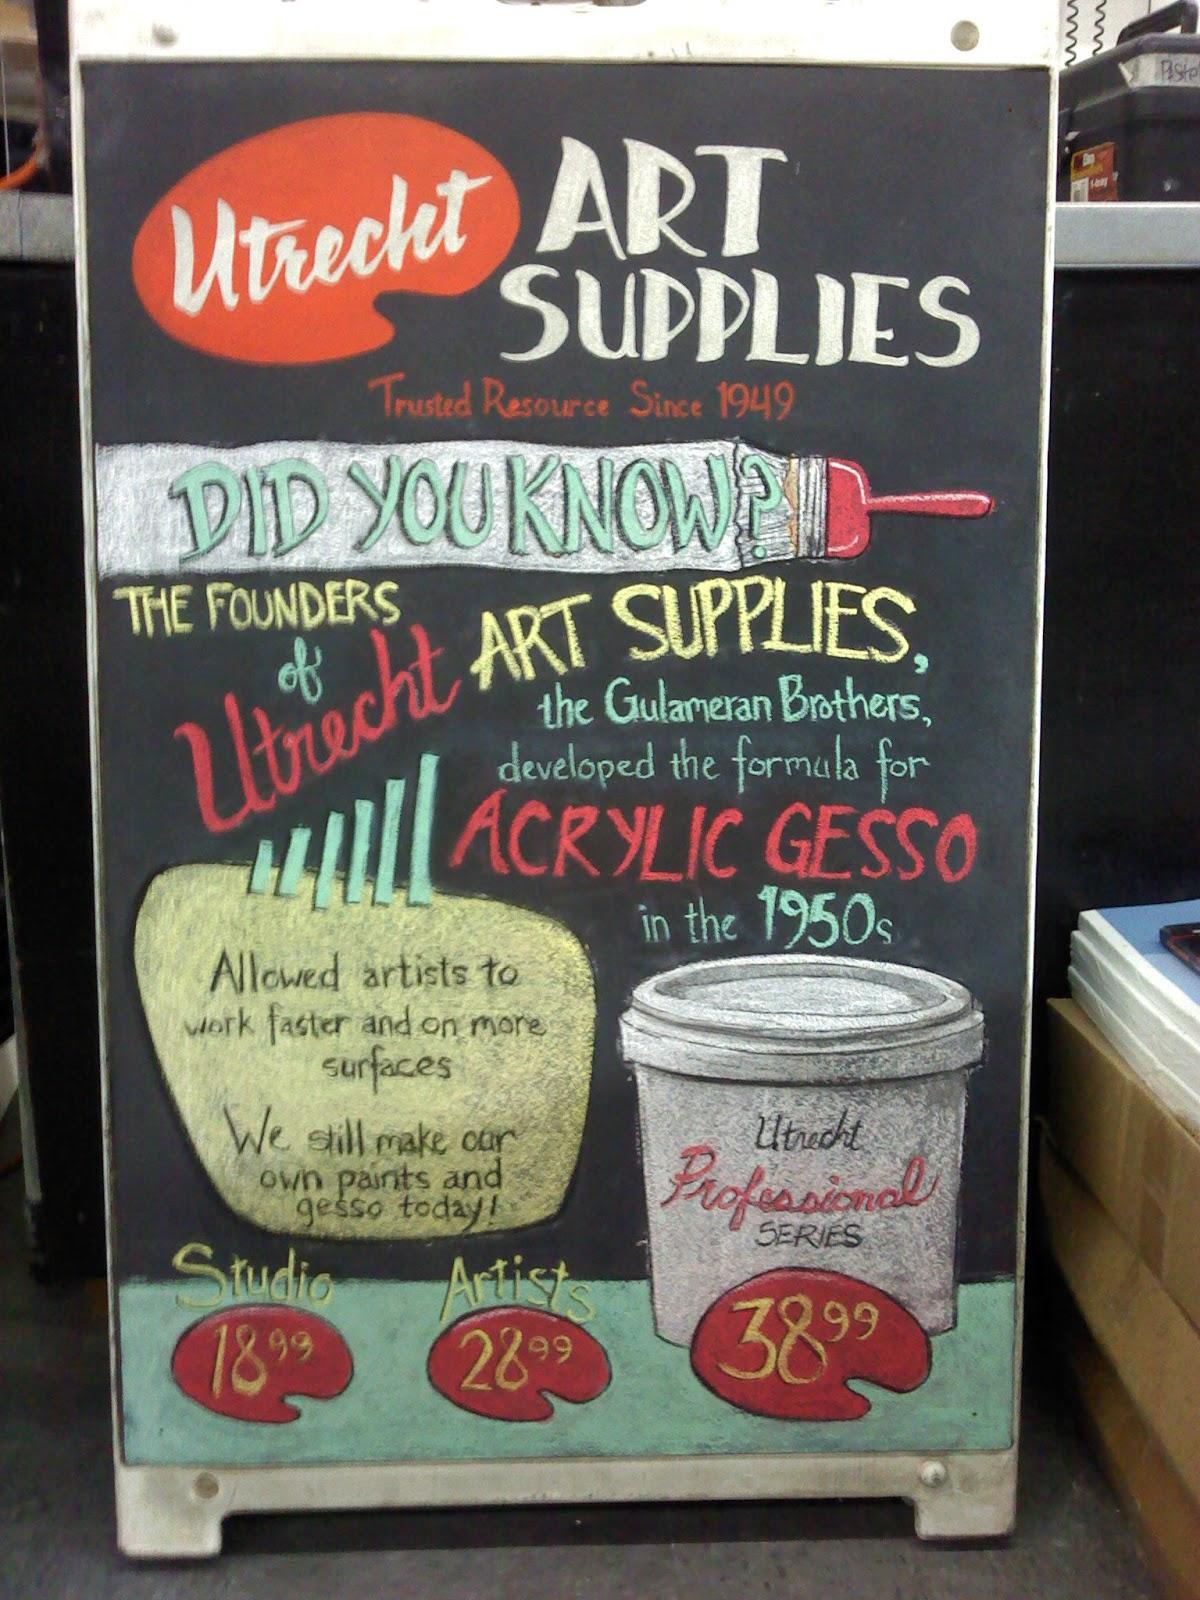 Utrecht Gesso Info Chalkboard